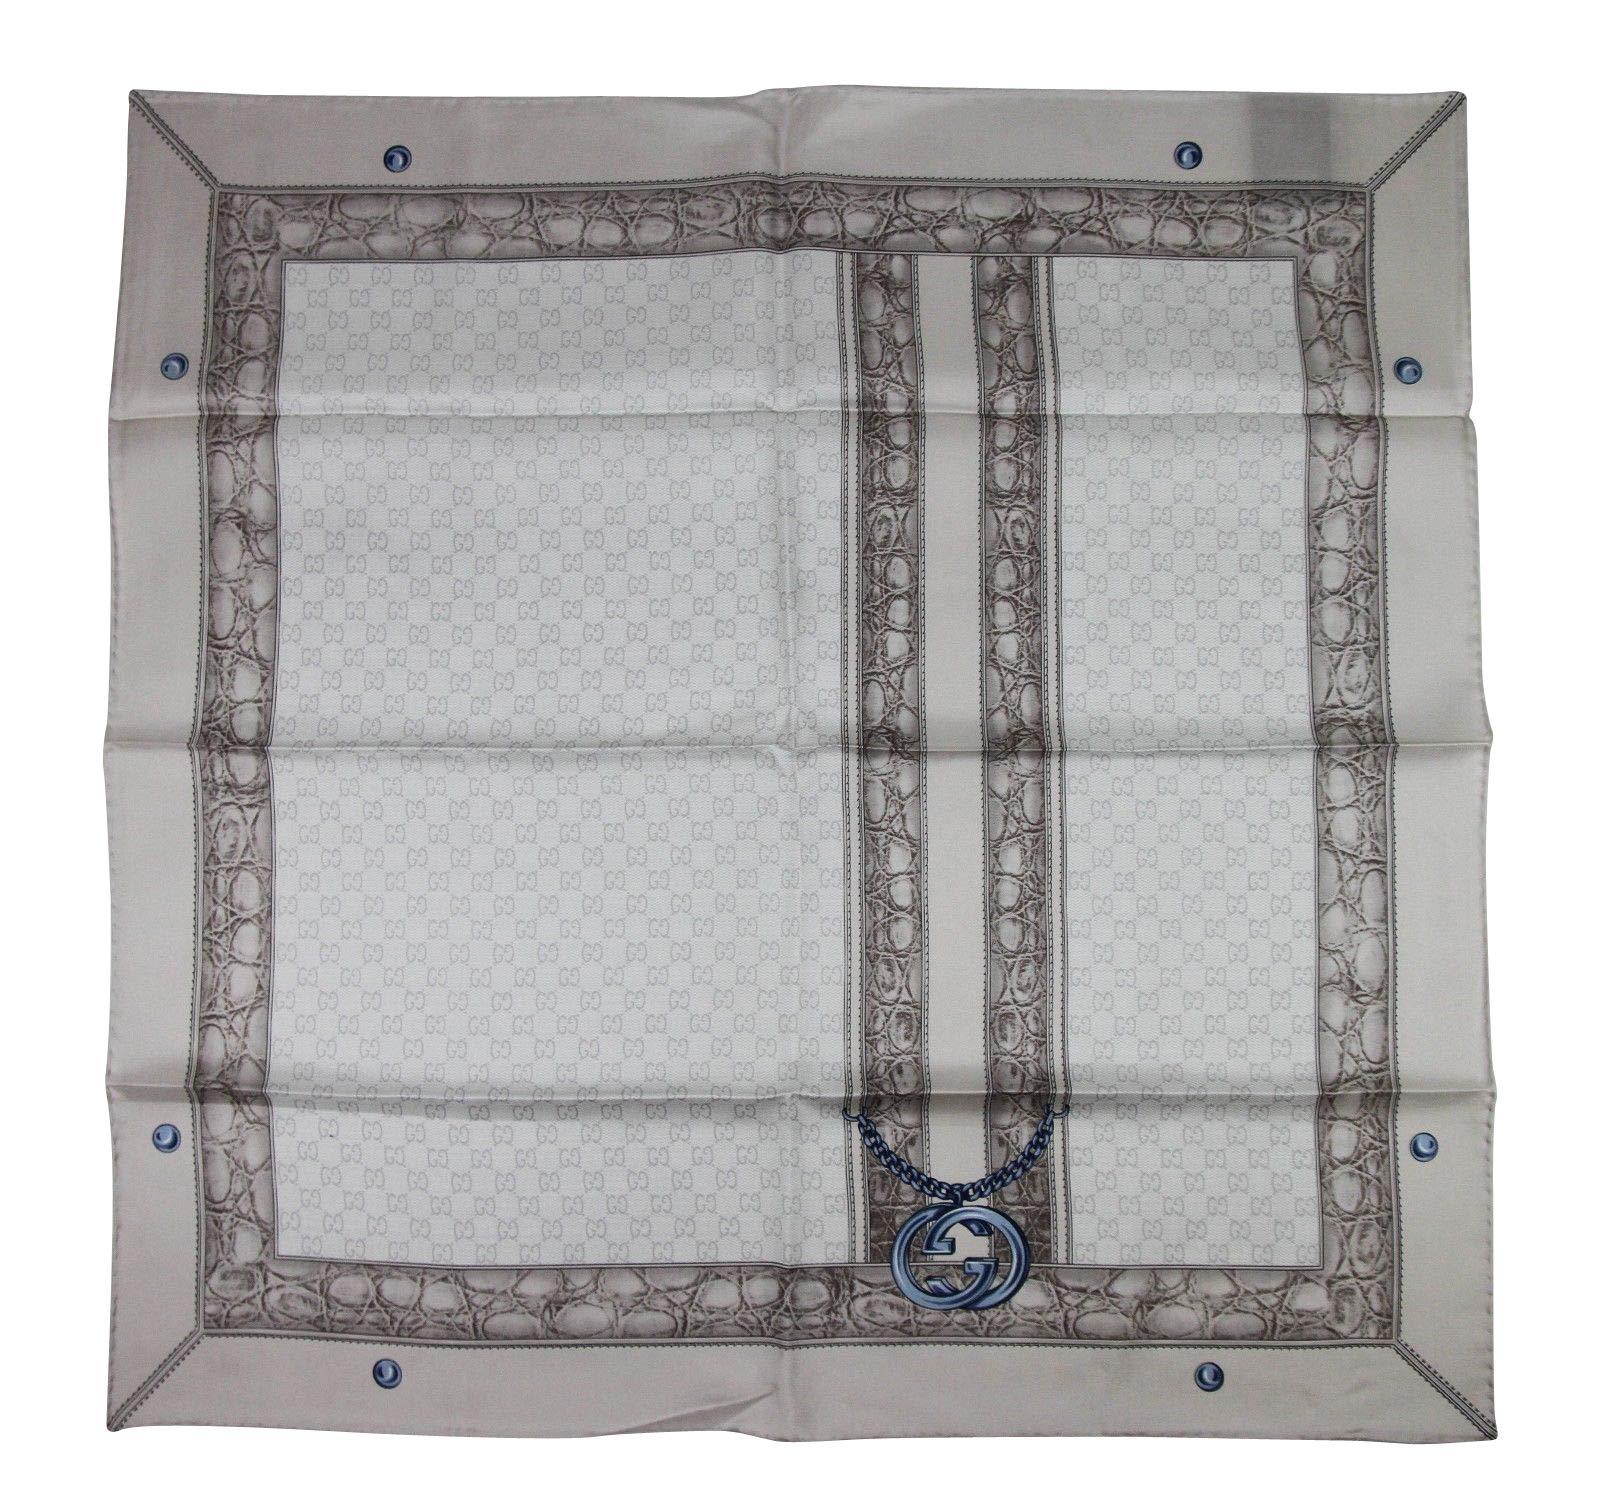 Gucci Women's Blue Interlocking Chain Print Multicolor Silk Twill Scarf 327374 1969